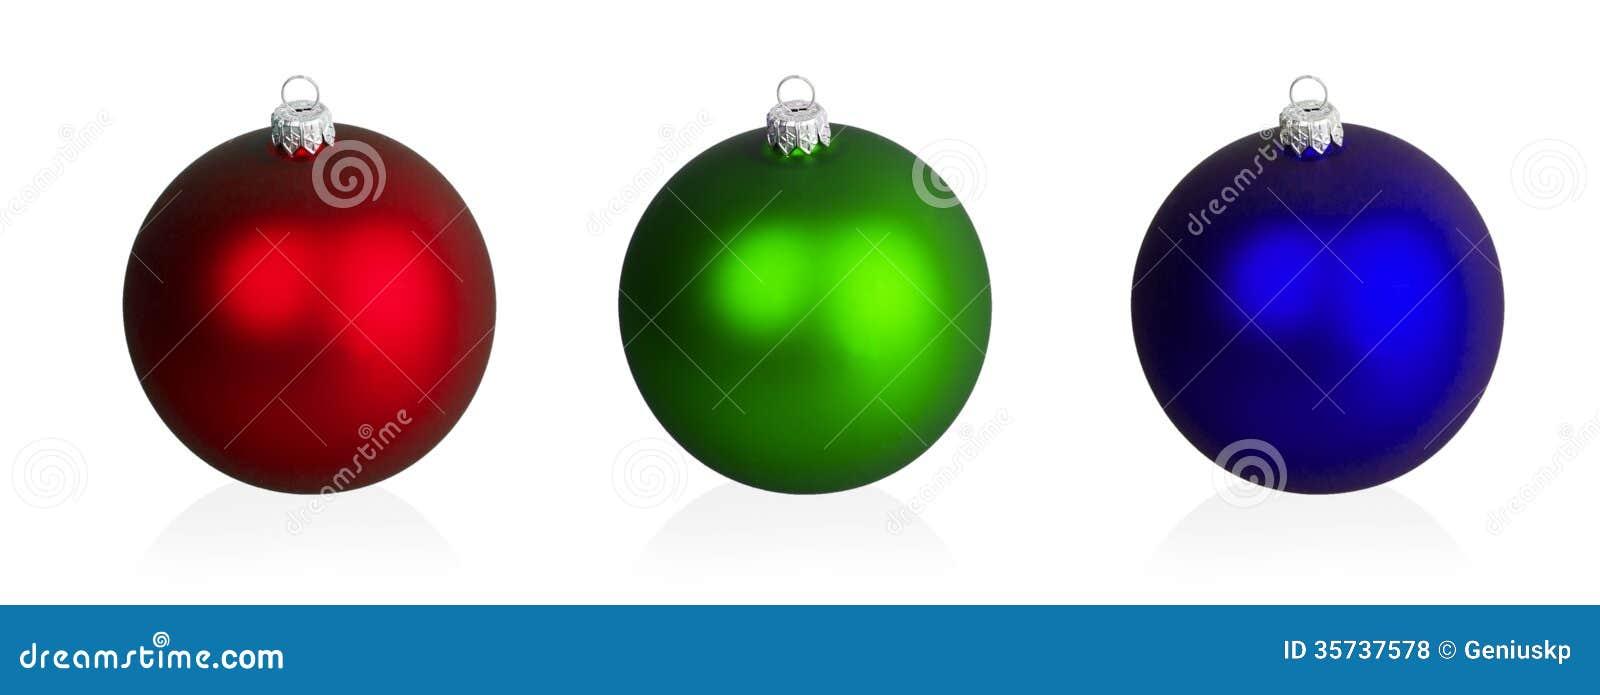 Palle Di Natale Grandi.Grandi Palle Rosse Verdi E Blu Di Natale Fotografia Stock